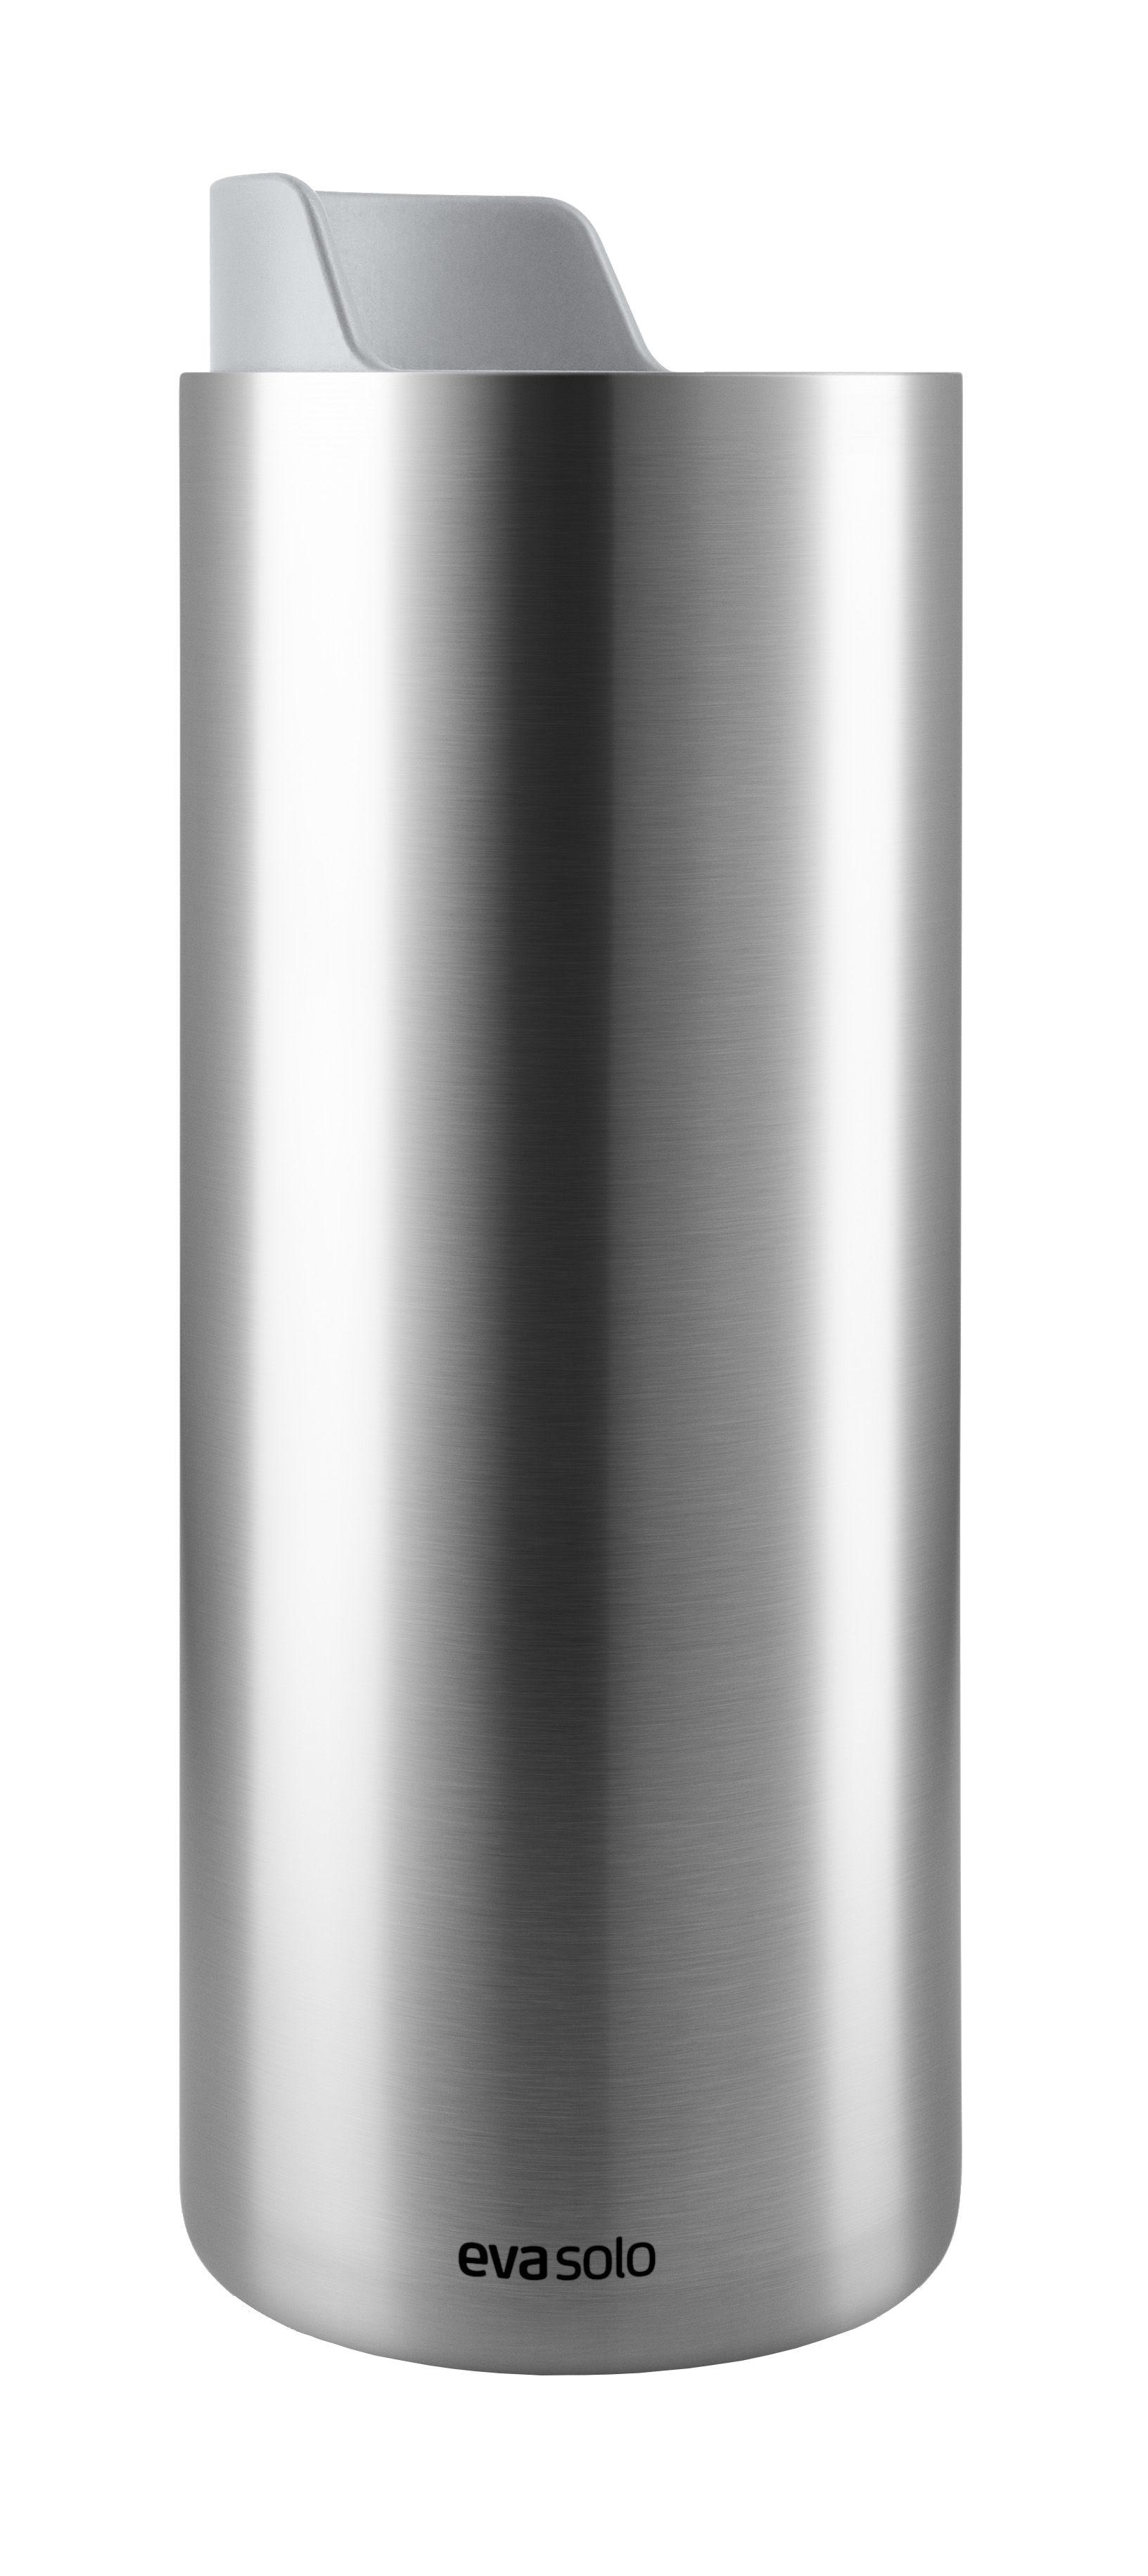 Arts de la table - Tasses et mugs - Mug isotherme To Go Cup Urban / Avec couvercle bec - 0,35 L - Eva Solo - Acier brossé / Gris marbre - Acier inoxydable, Plastique